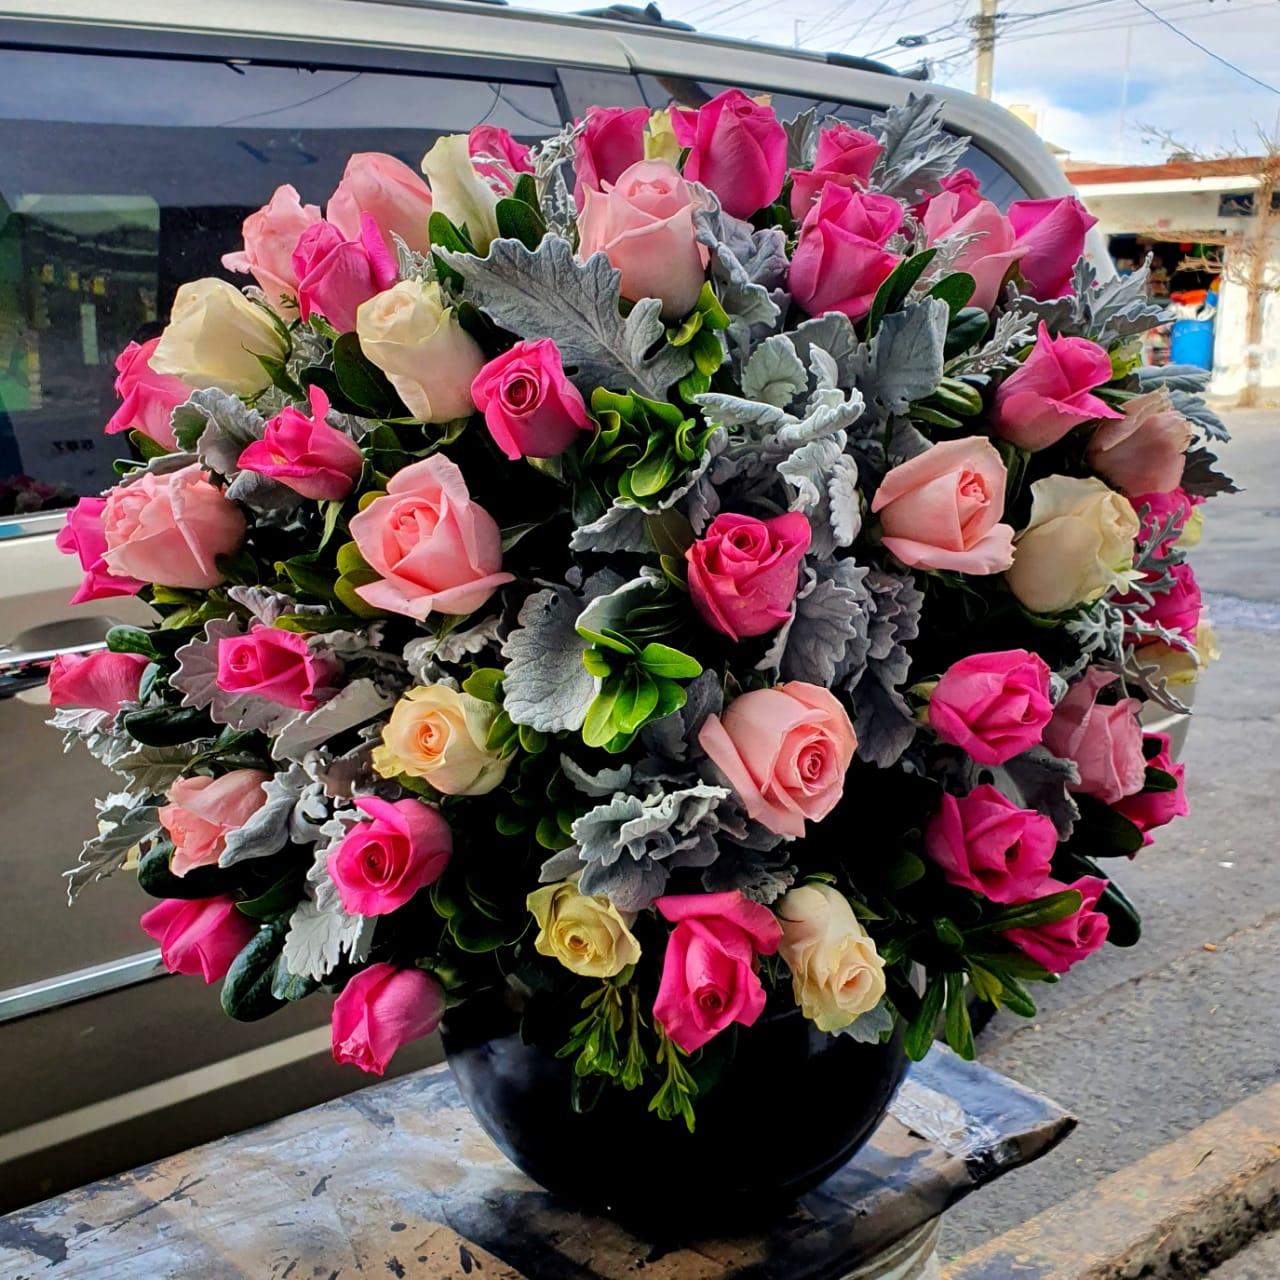 Arreglo floral de rosas rosas en esfera de cristal